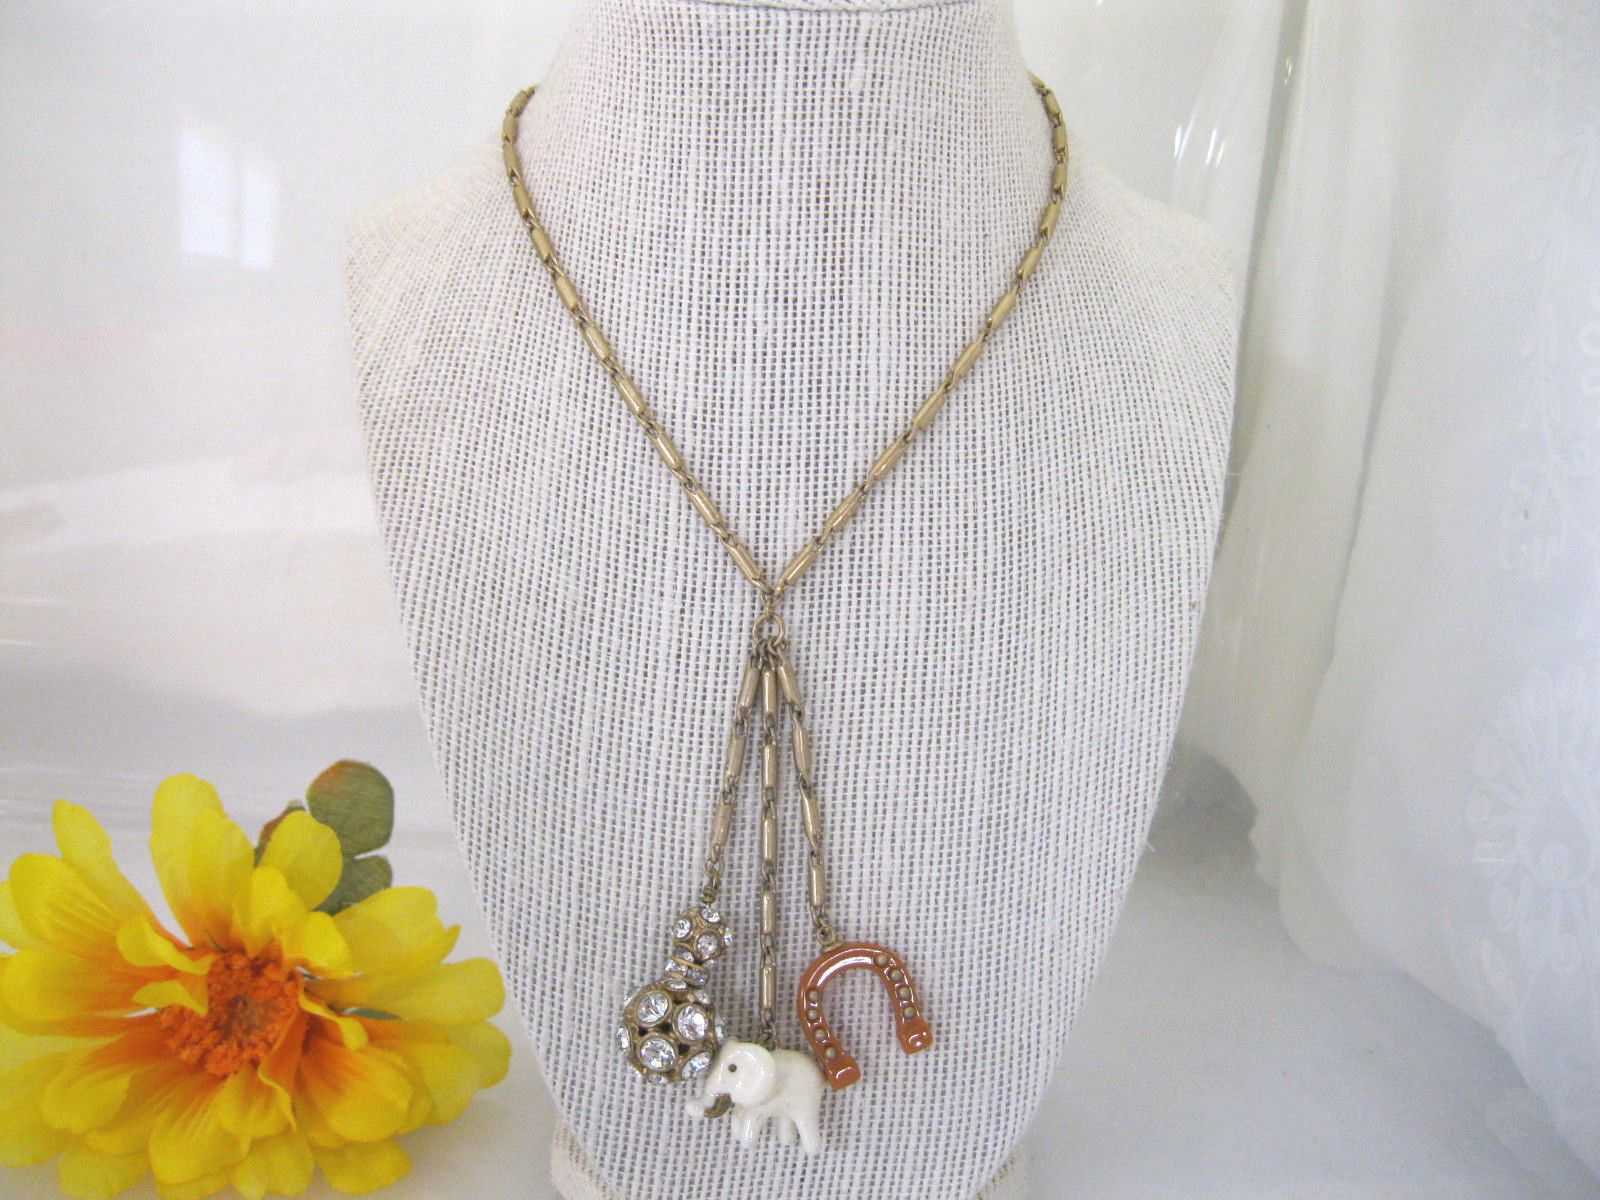 J crew gold tone long charm pendant necklace elephant horseshoe